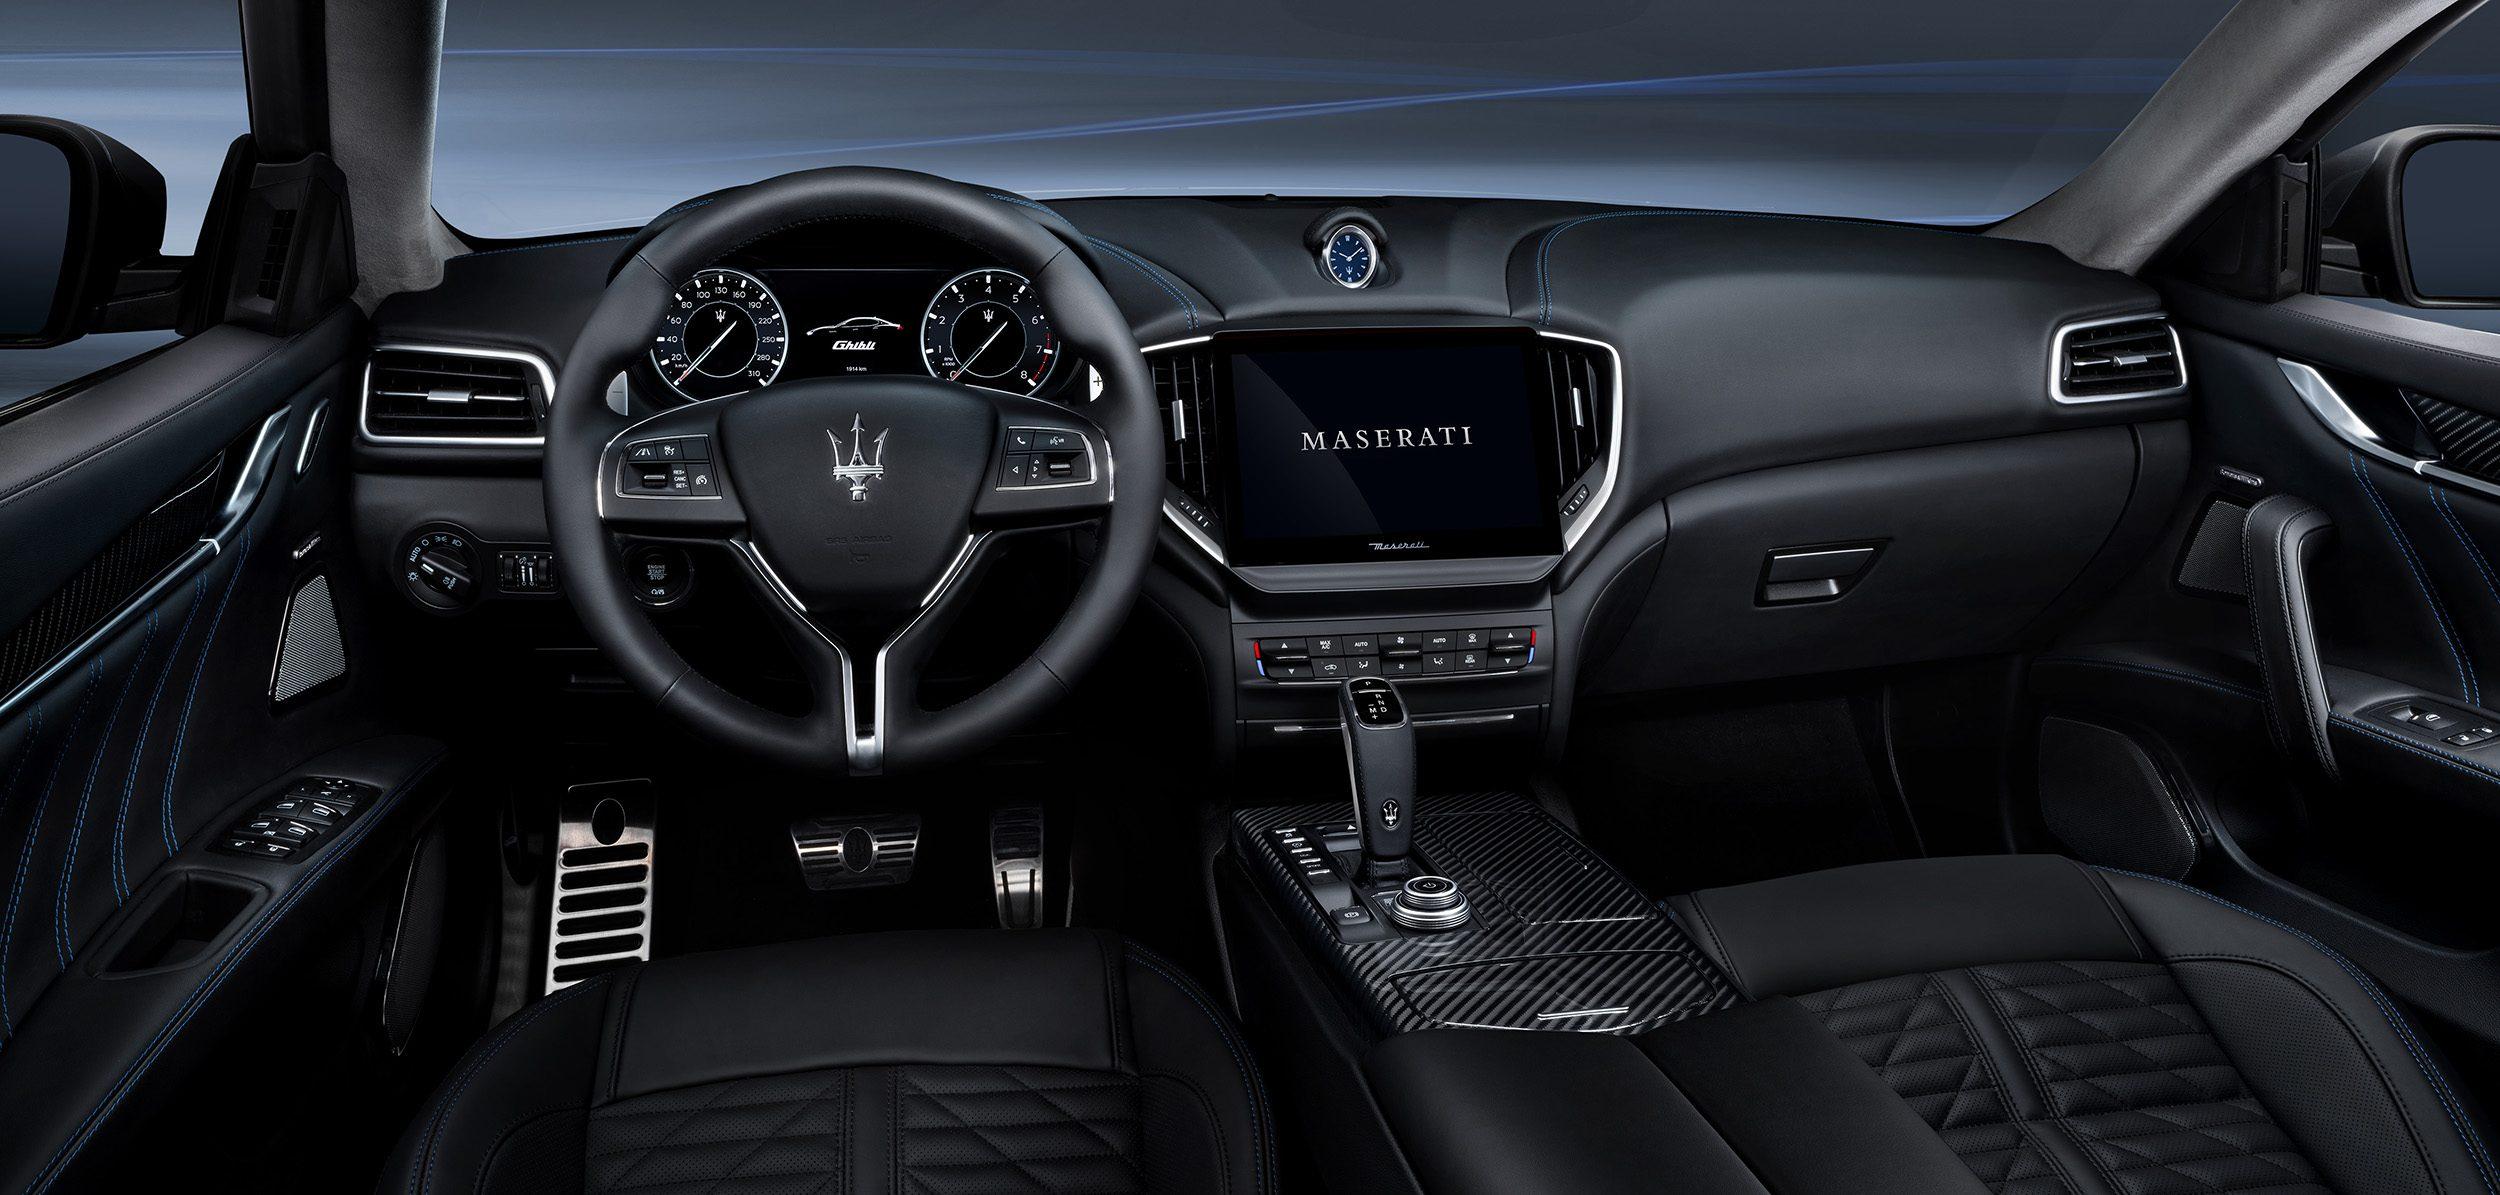 Het interieur is weer van Italiaanse precisie. Het biedt karakter en verfijning, maar vooral luxe staat voorop. Een eigentijdse (zaken)sedan.